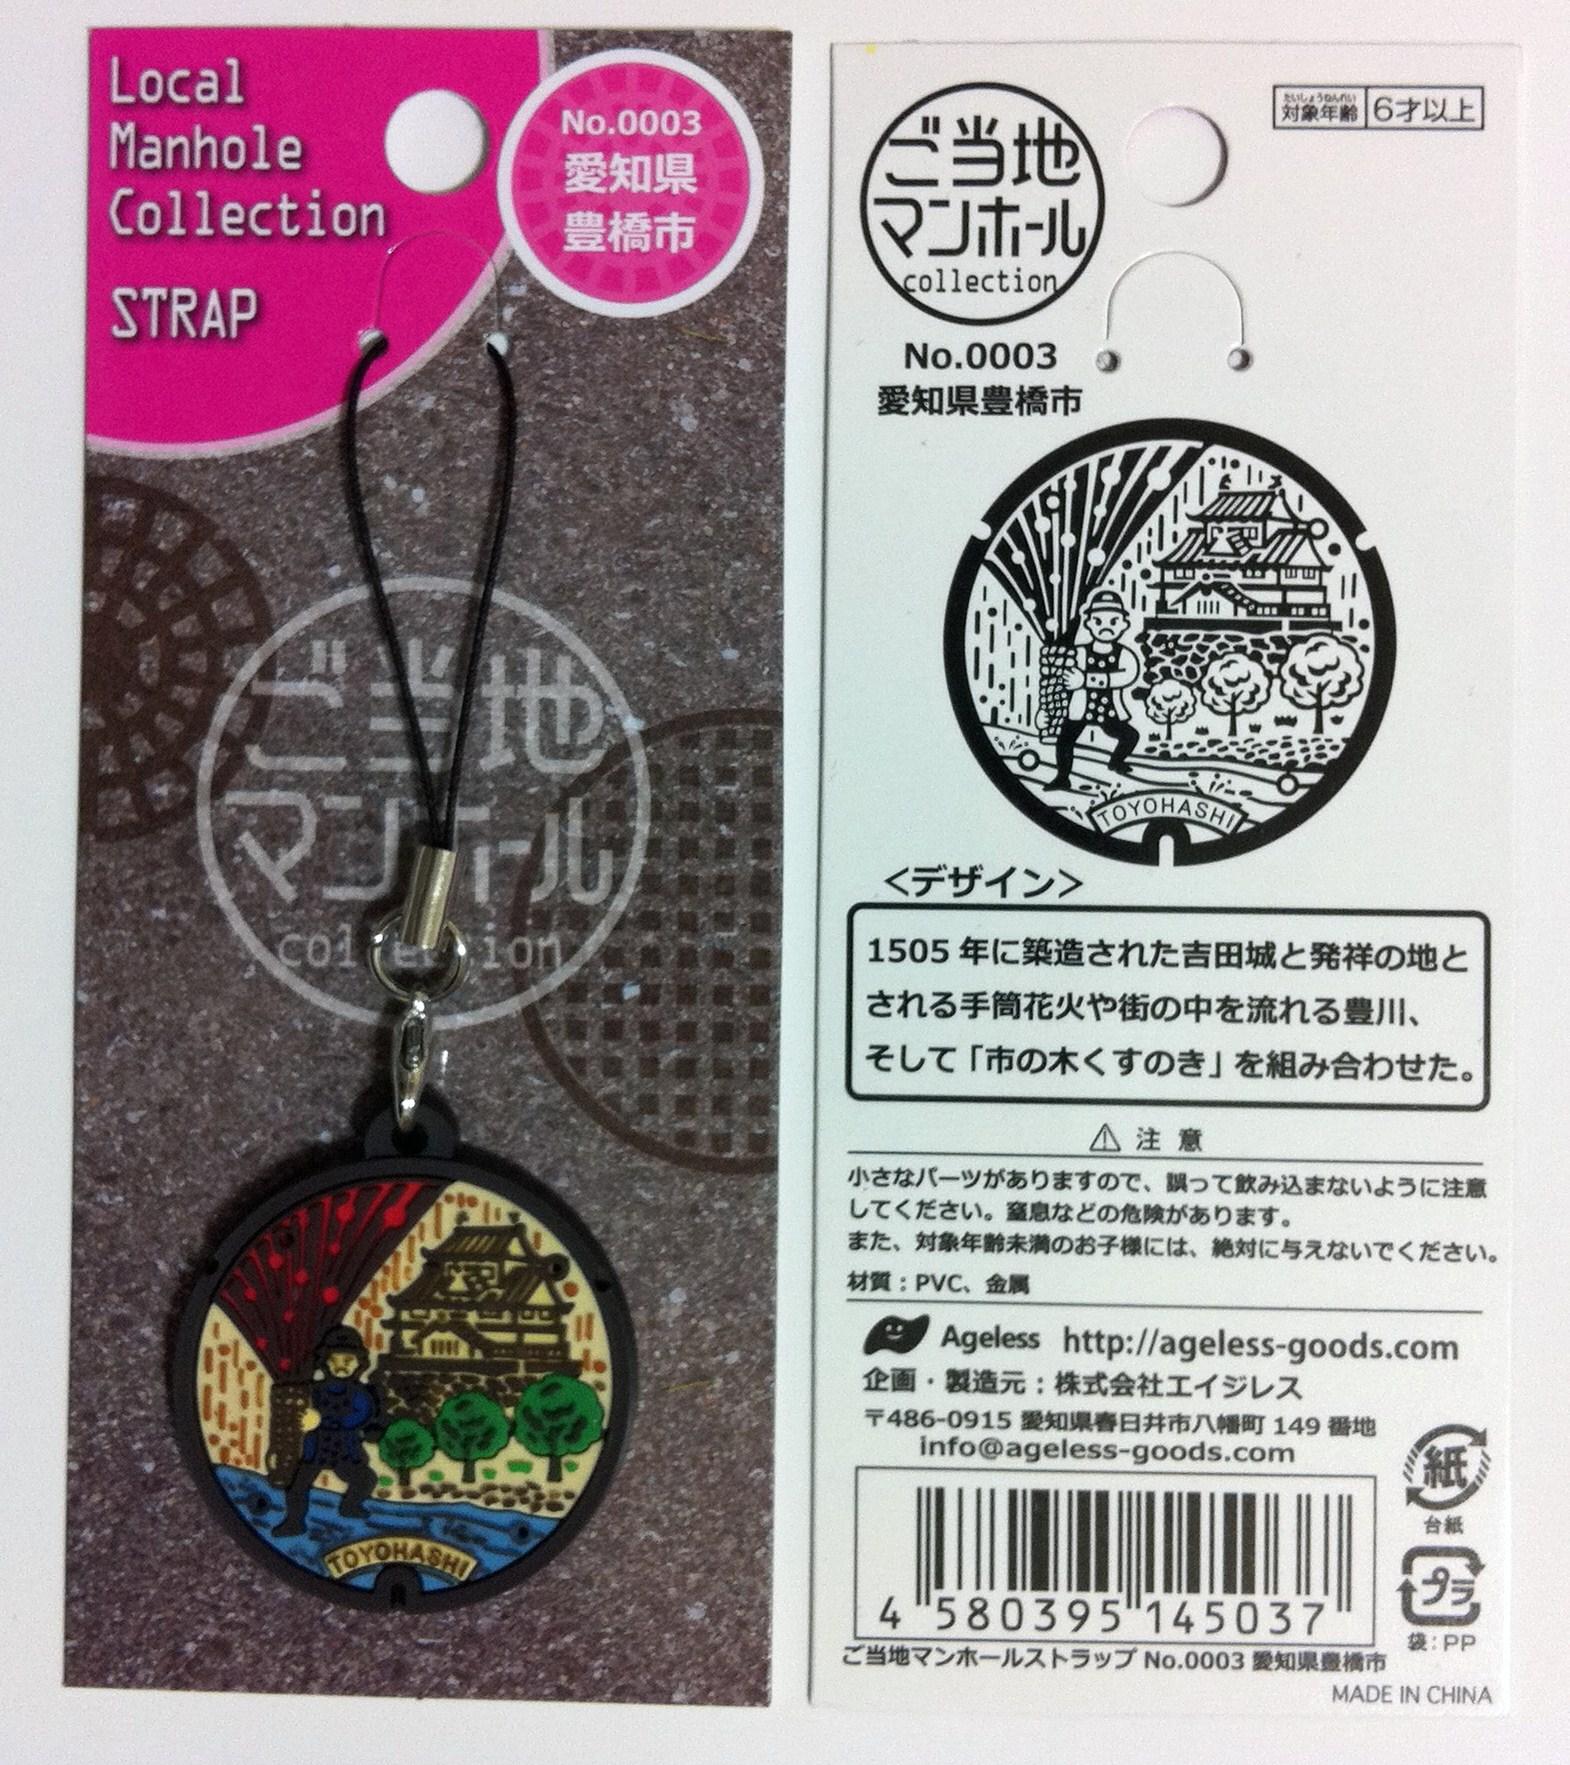 ご当地マンホールストラップ No.0003愛知県豊橋市【メール便可能】